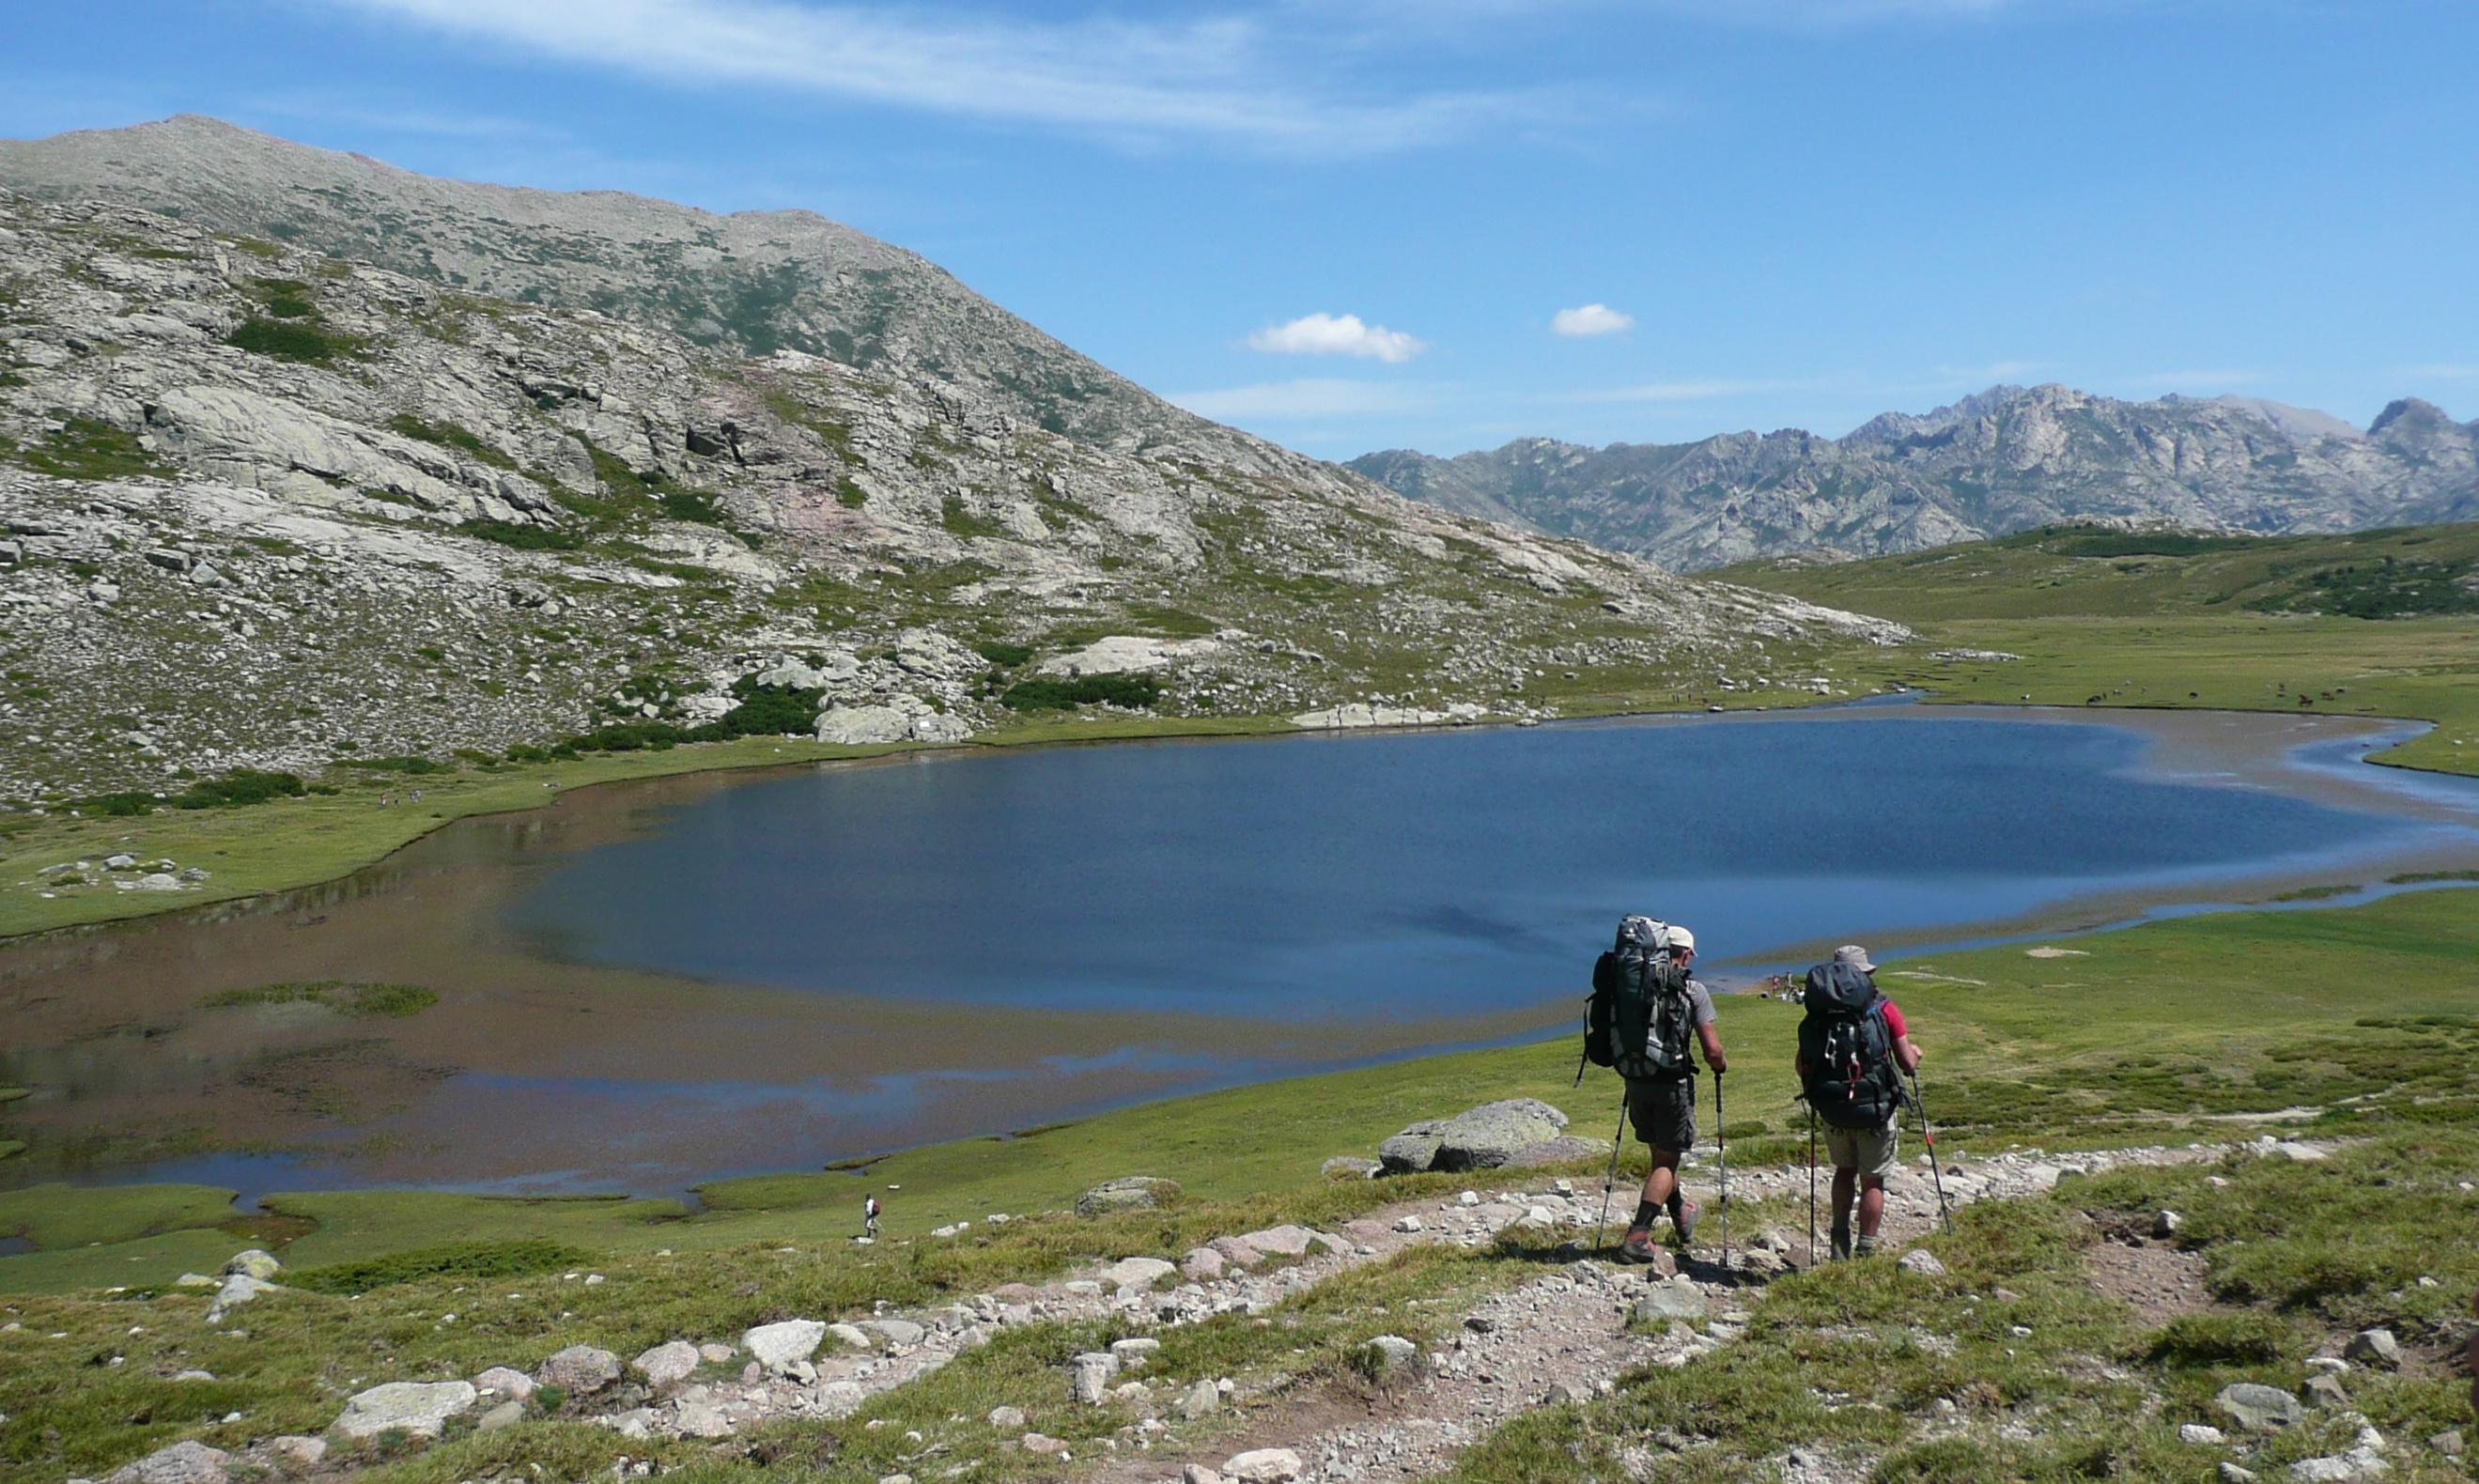 dwie postacie, woda, trawa, krajobraz, góry